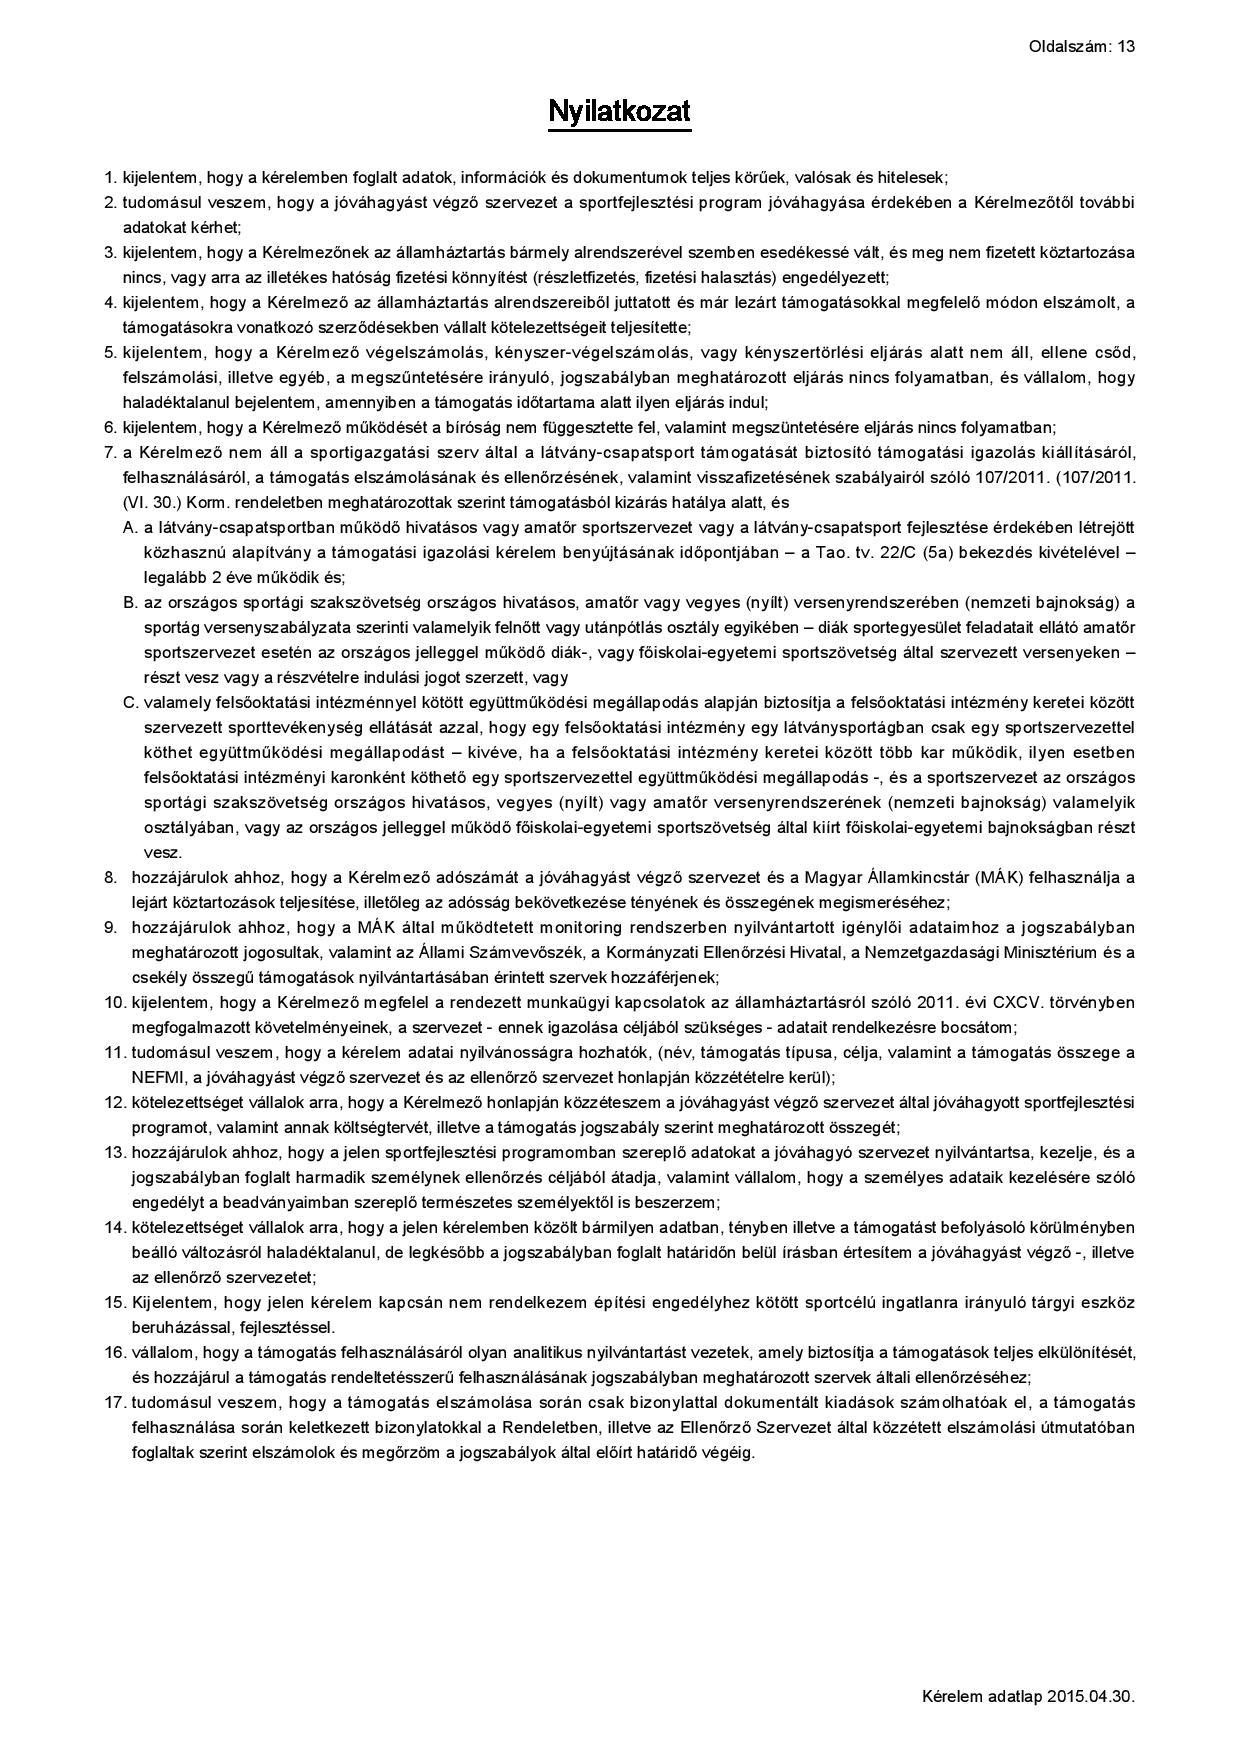 kerelem_djk_2015_2016 ke06328_836_hitelesitett djk dunaújvárosi jégkorong kft 20150430-page-013